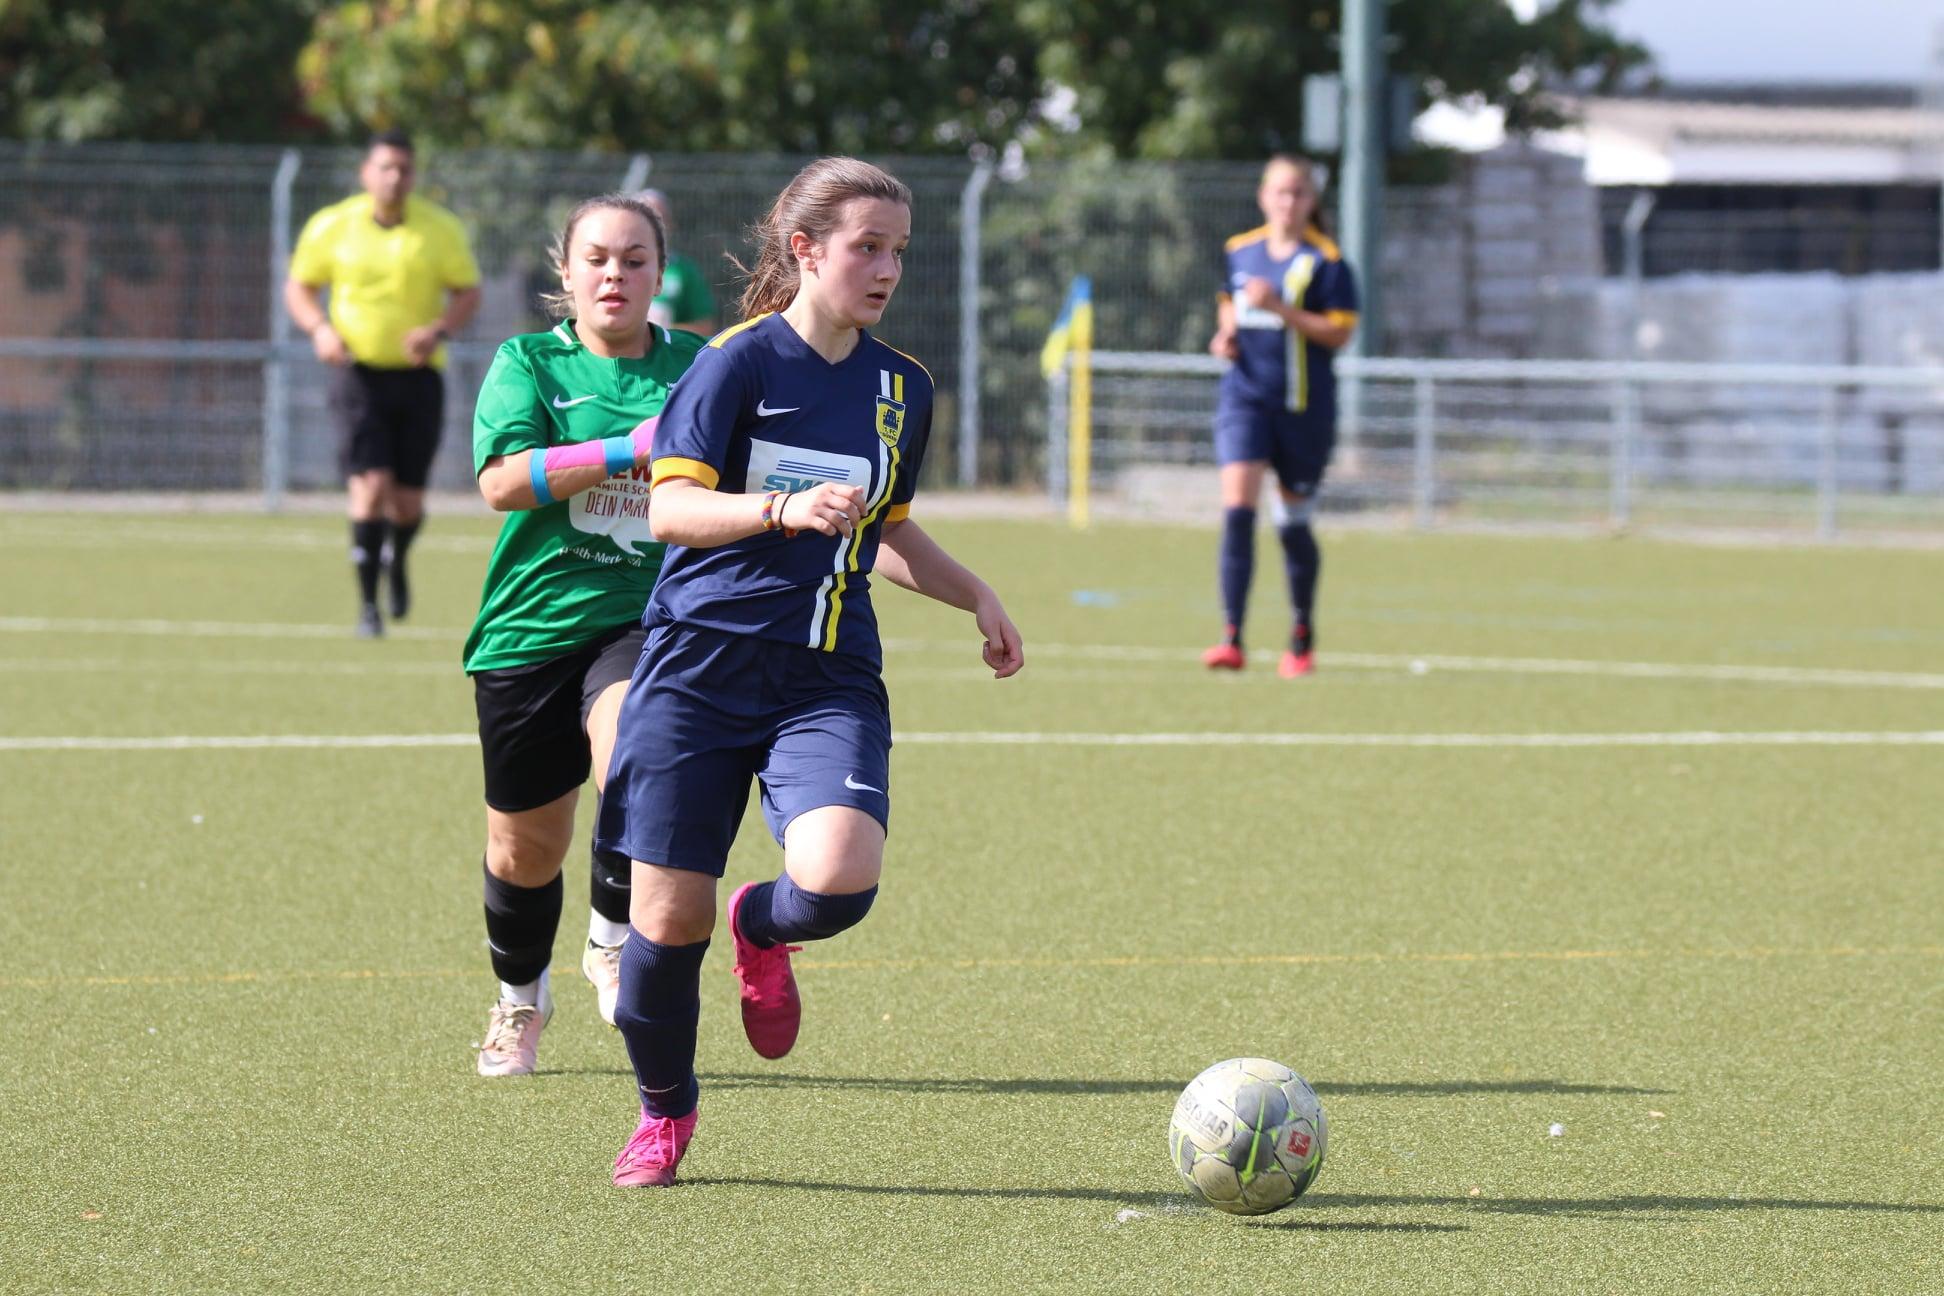 FCD Ladies siegen eindrucksvoll - 1. FC Düren